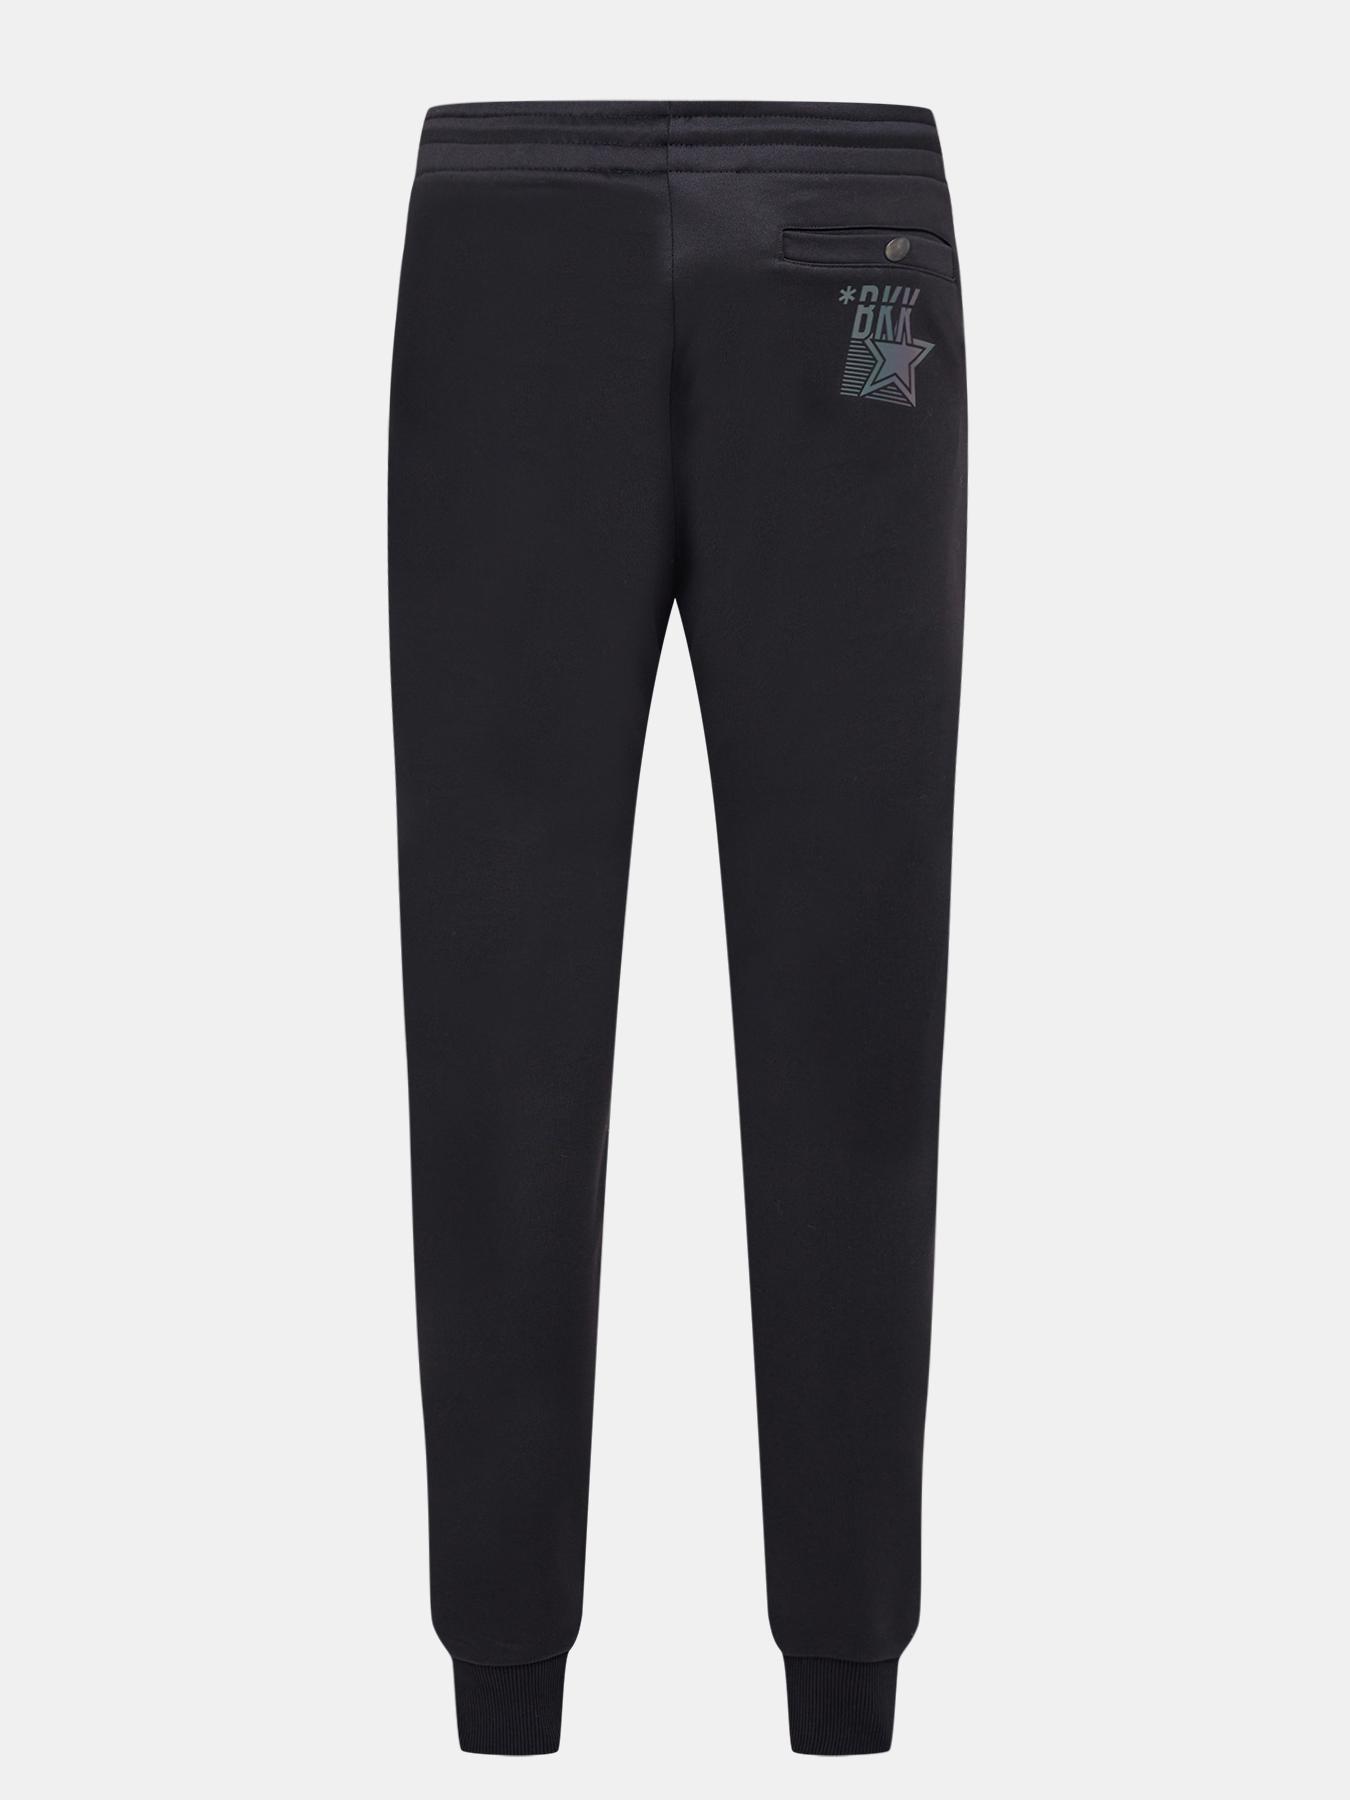 Брюки Bikkembergs Спортивные брюки брюки спортивные sugarlife sugarlife mp002xw0xjil